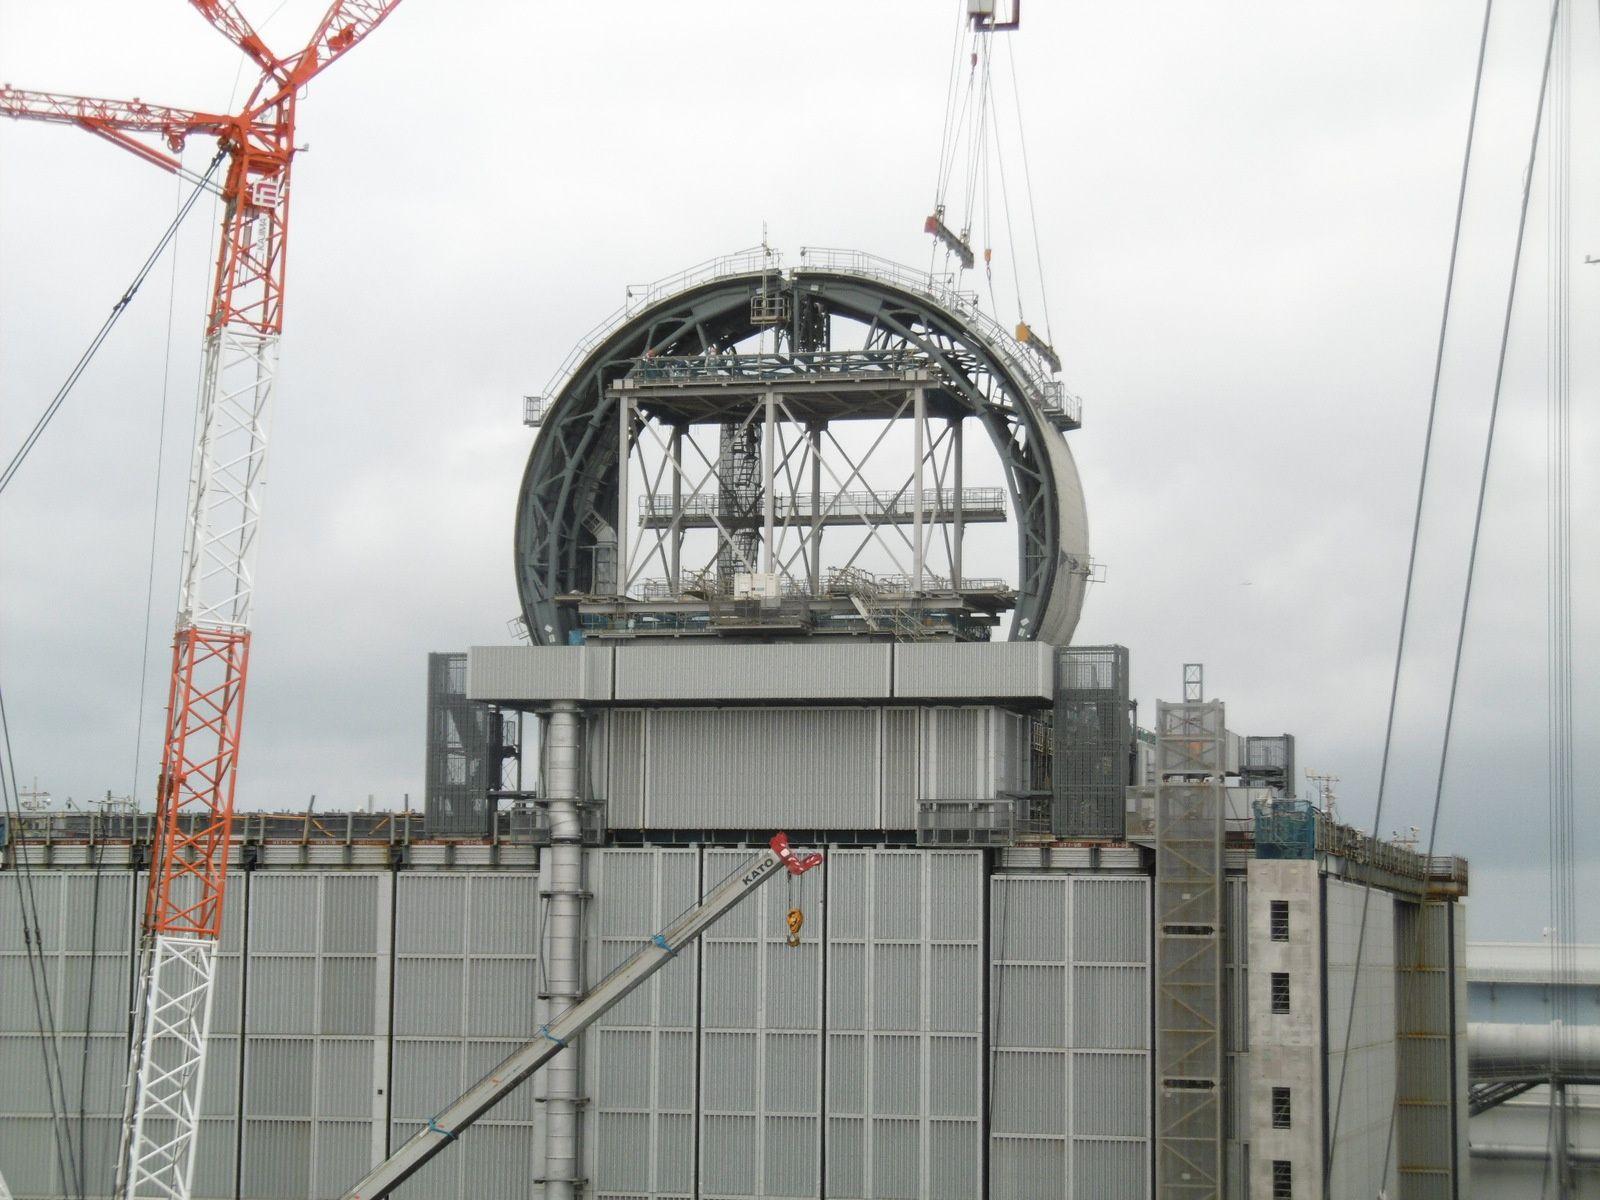 Couverture assemblée sur un huitième du bâtiment (photo Tepco)